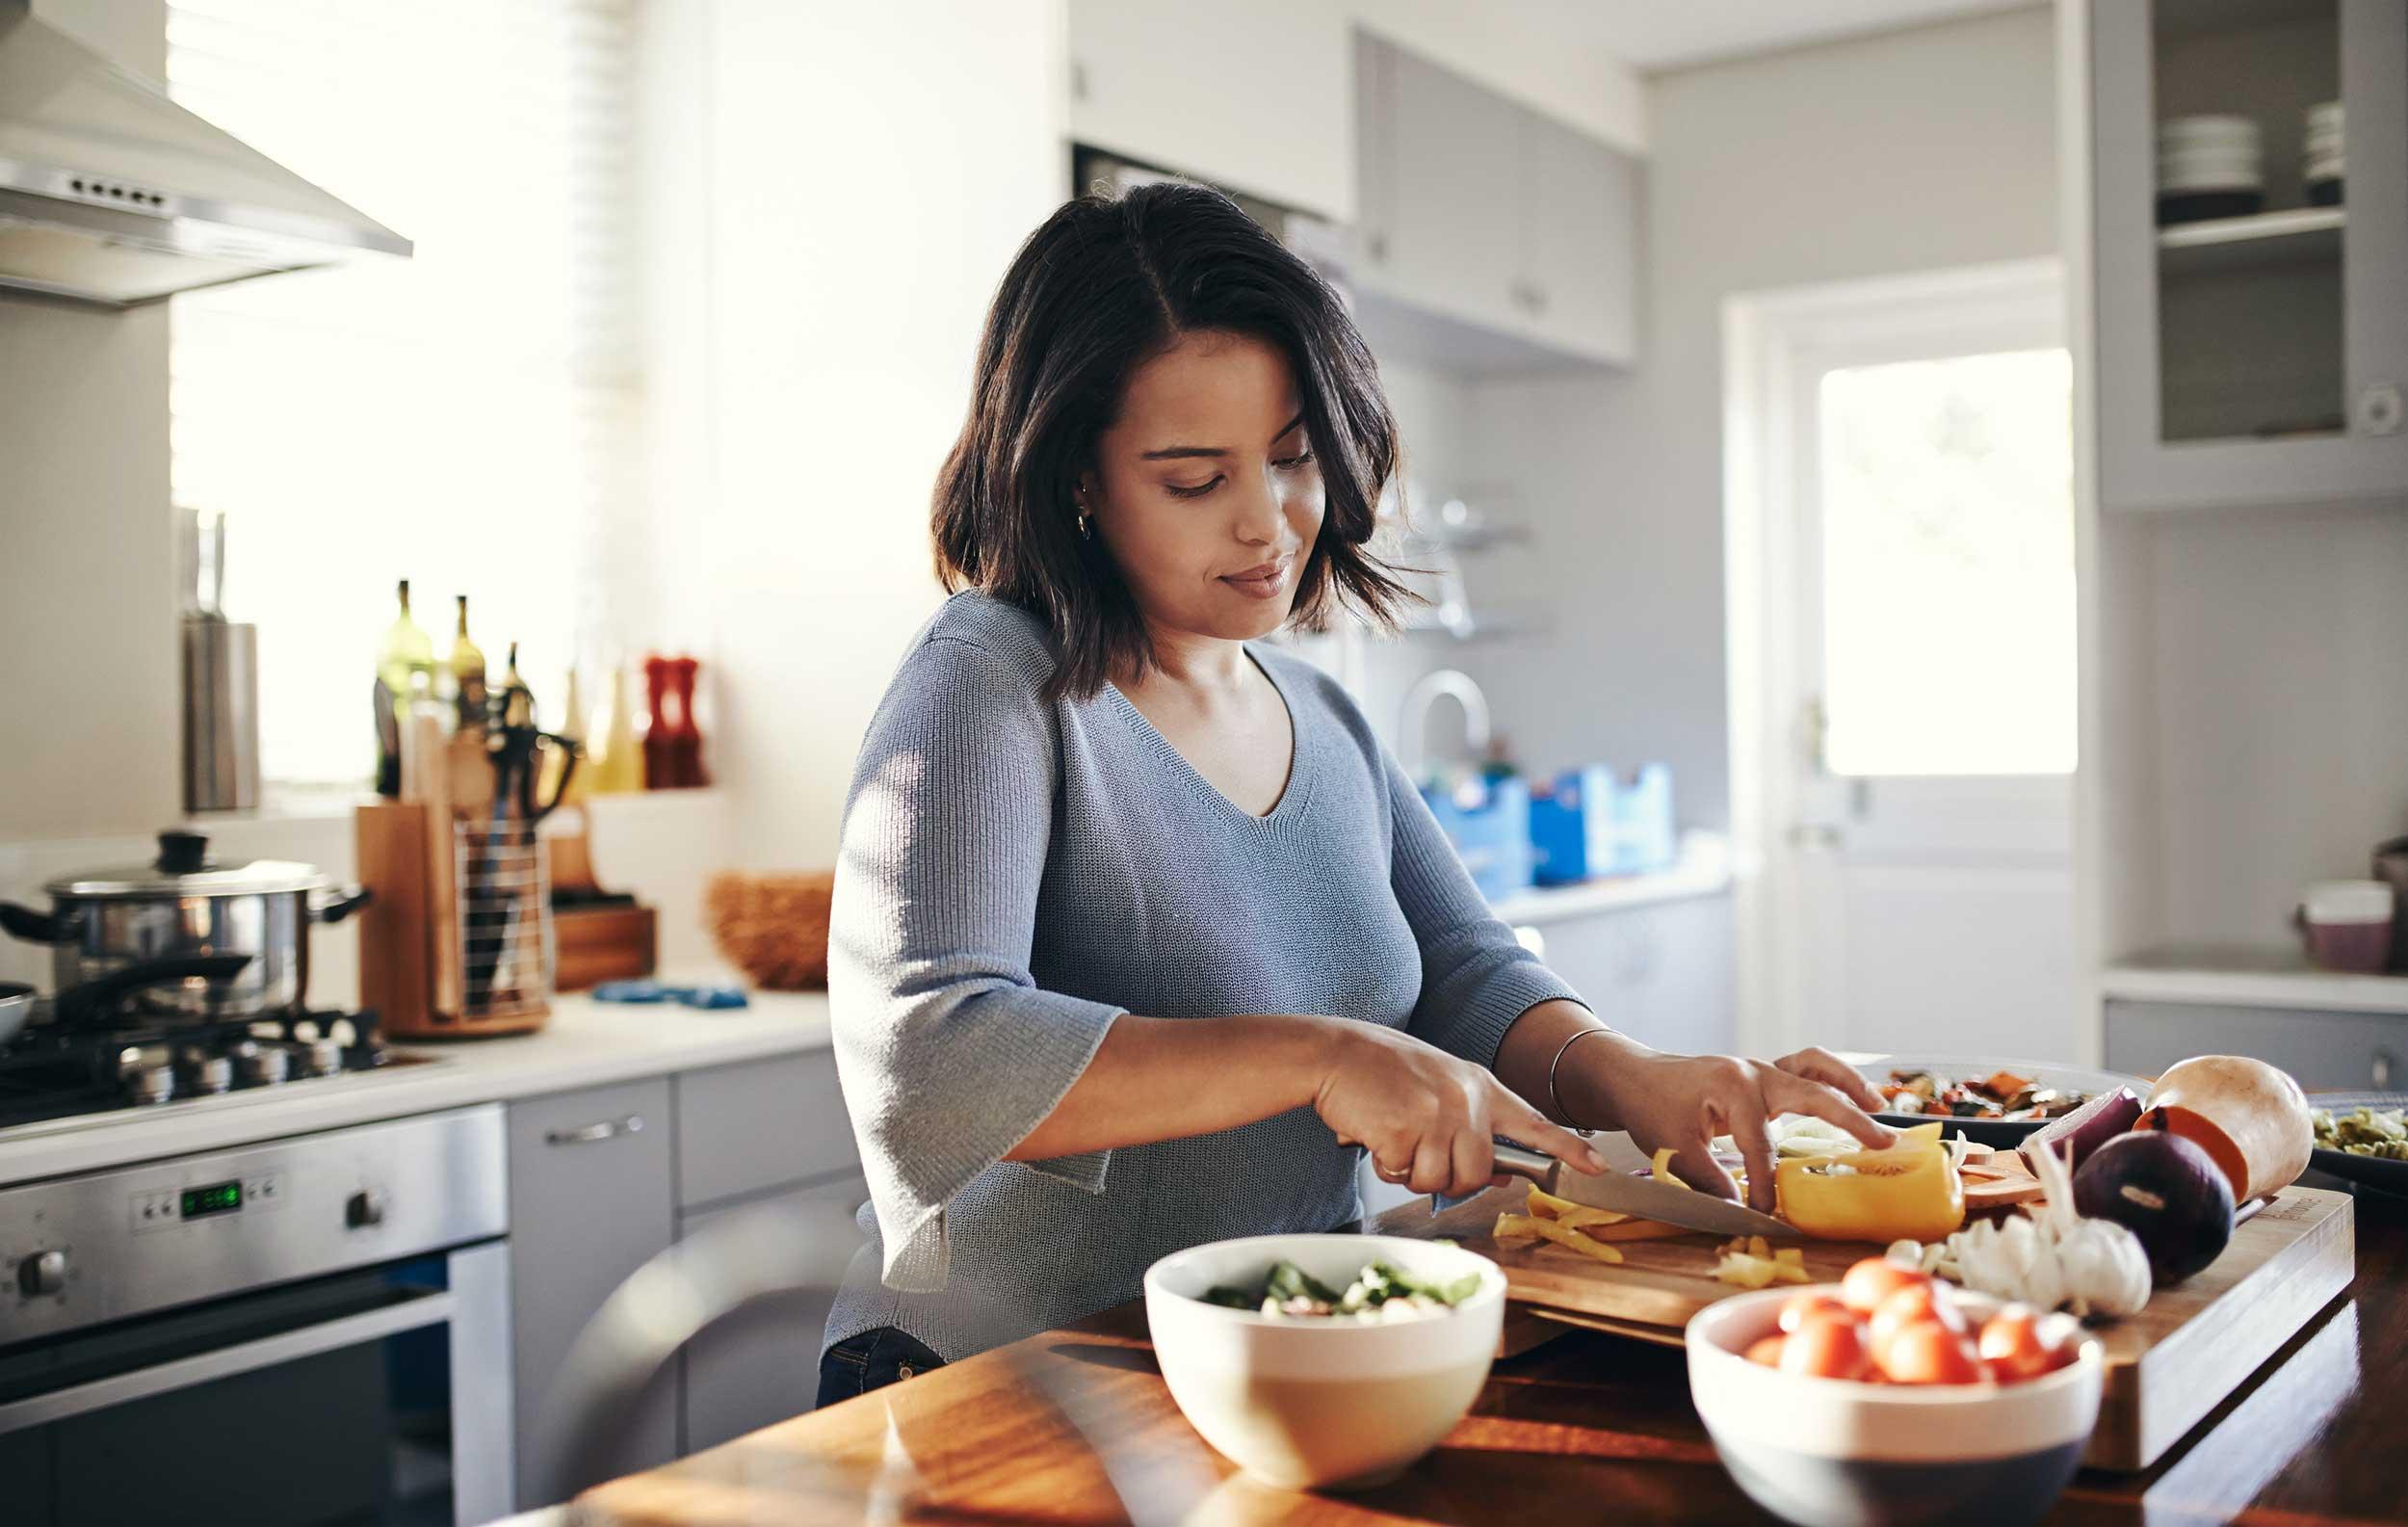 Food as Medicine in Estrogen Detoxification